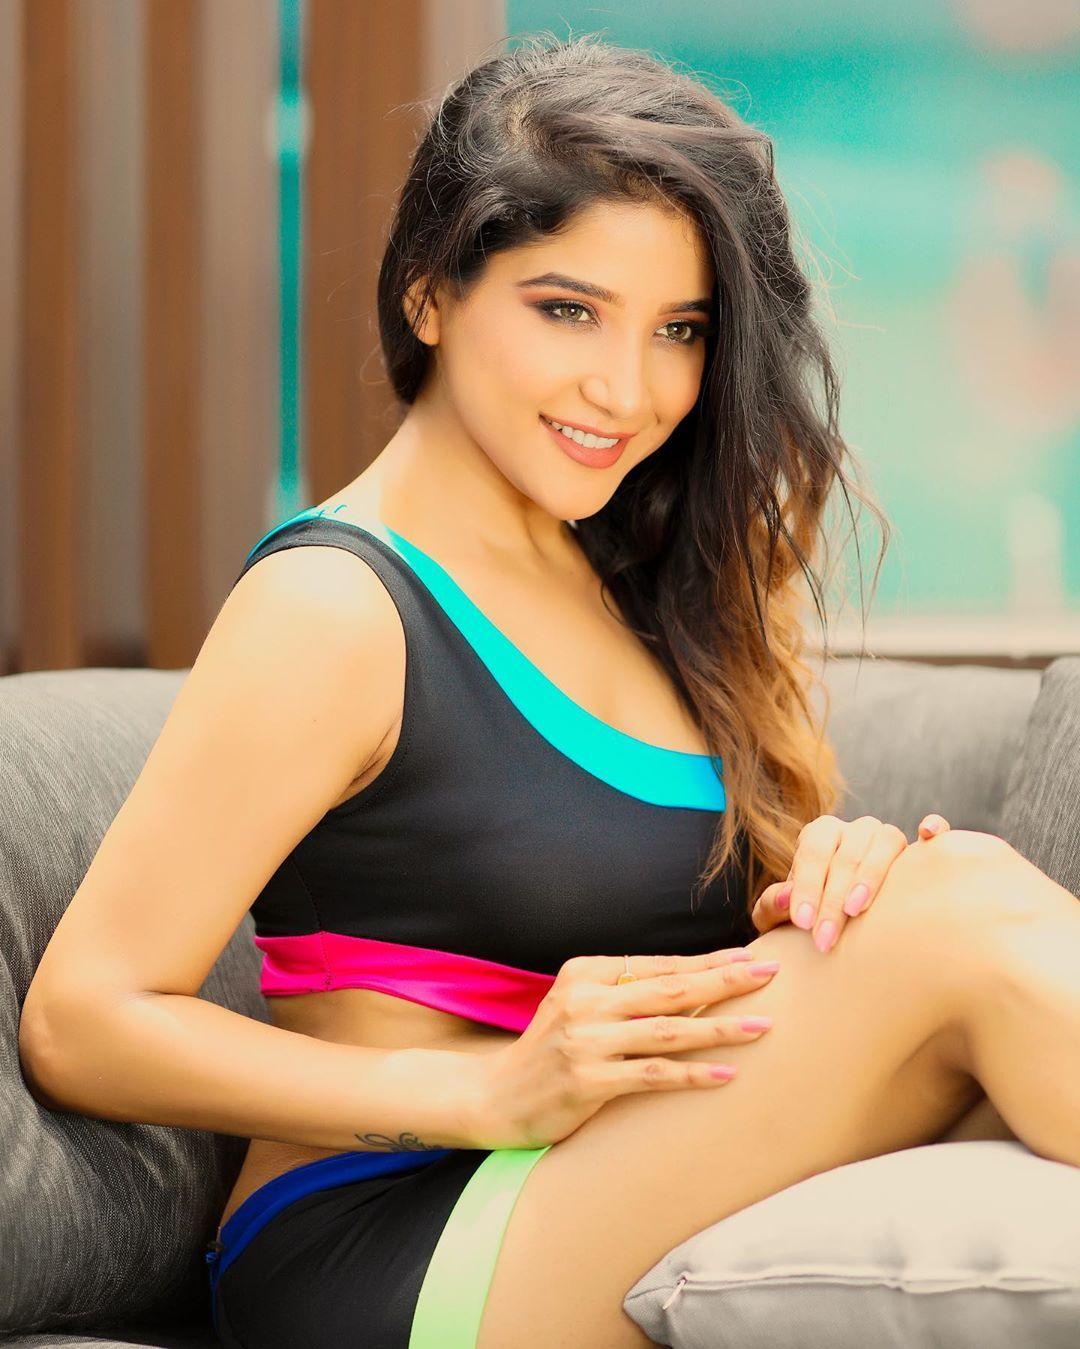 Sakshi Agarwal latest Bigg boss , Sakshi Agarwal Hot photos download Bigg boss actress Sakshi A… | Hollywood girls, Hollywood actress pics, Hollywood actress photos